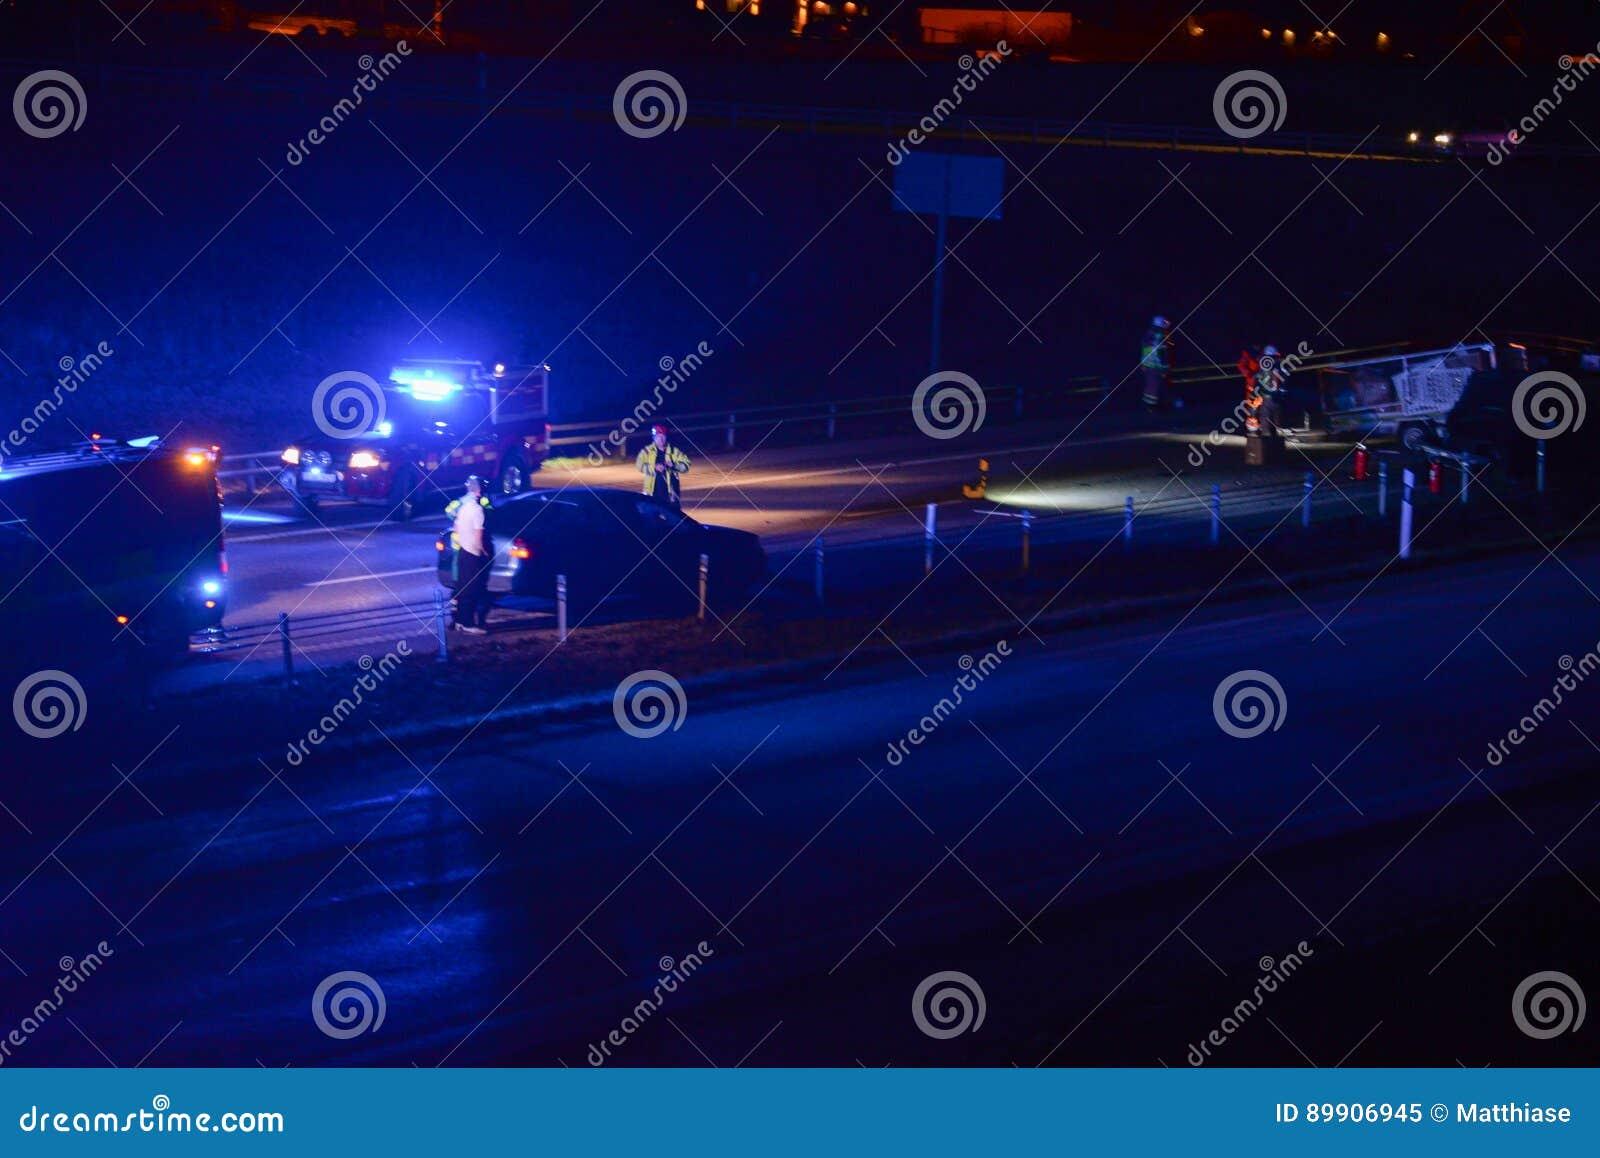 Autounfall Auf Straße Nachts Stockbild - Bild von autos, abend: 89906945